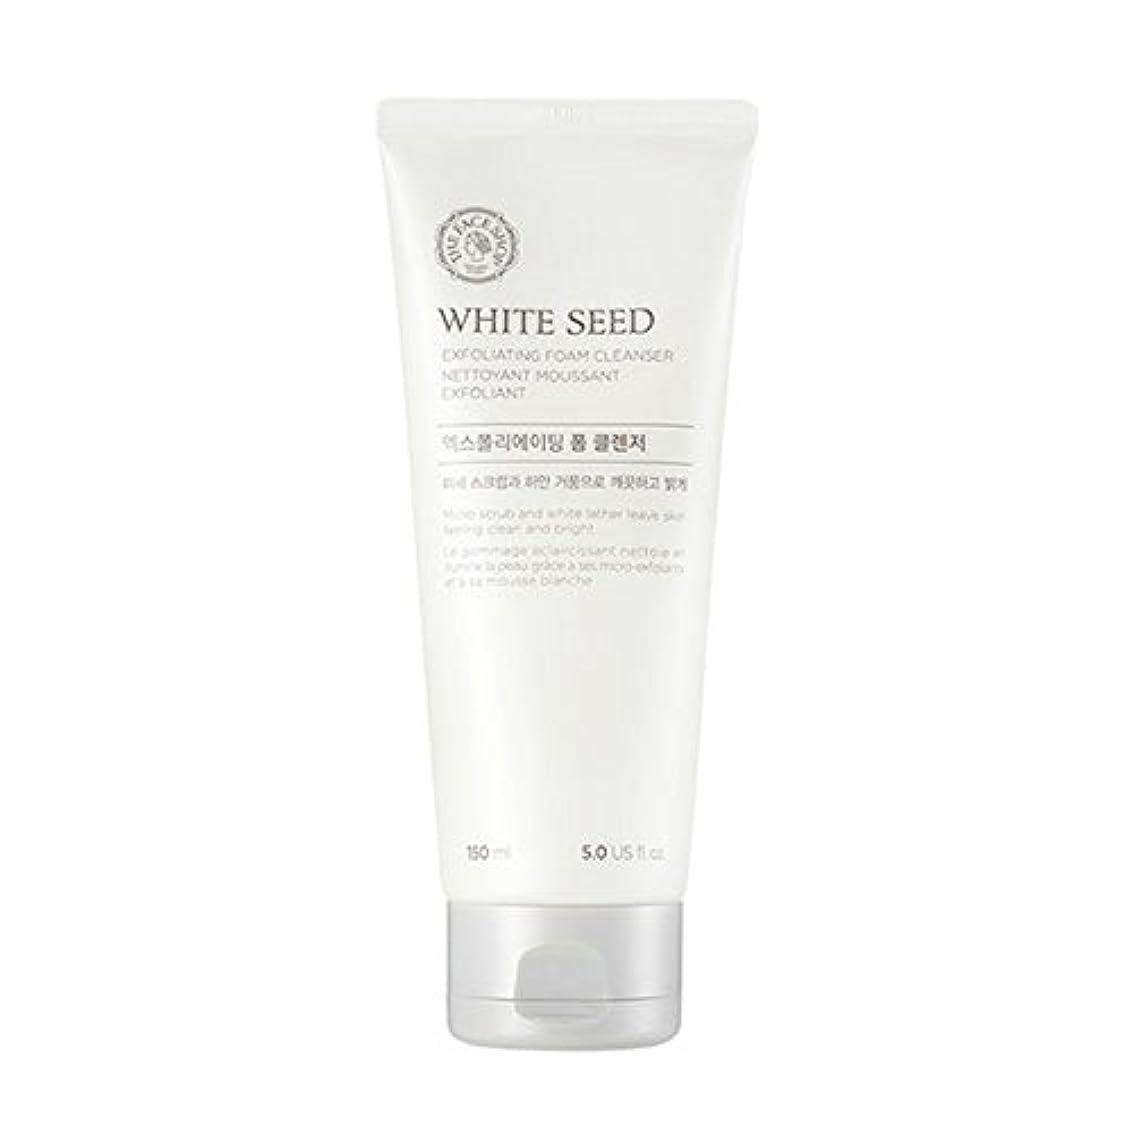 [ザフェイスショップ] The Face Shop ホワイトシードエクスフォリエイティングクレンザー(150ml) The Face Shop White Seed Exfoliating Foam Cleanser(150ml...